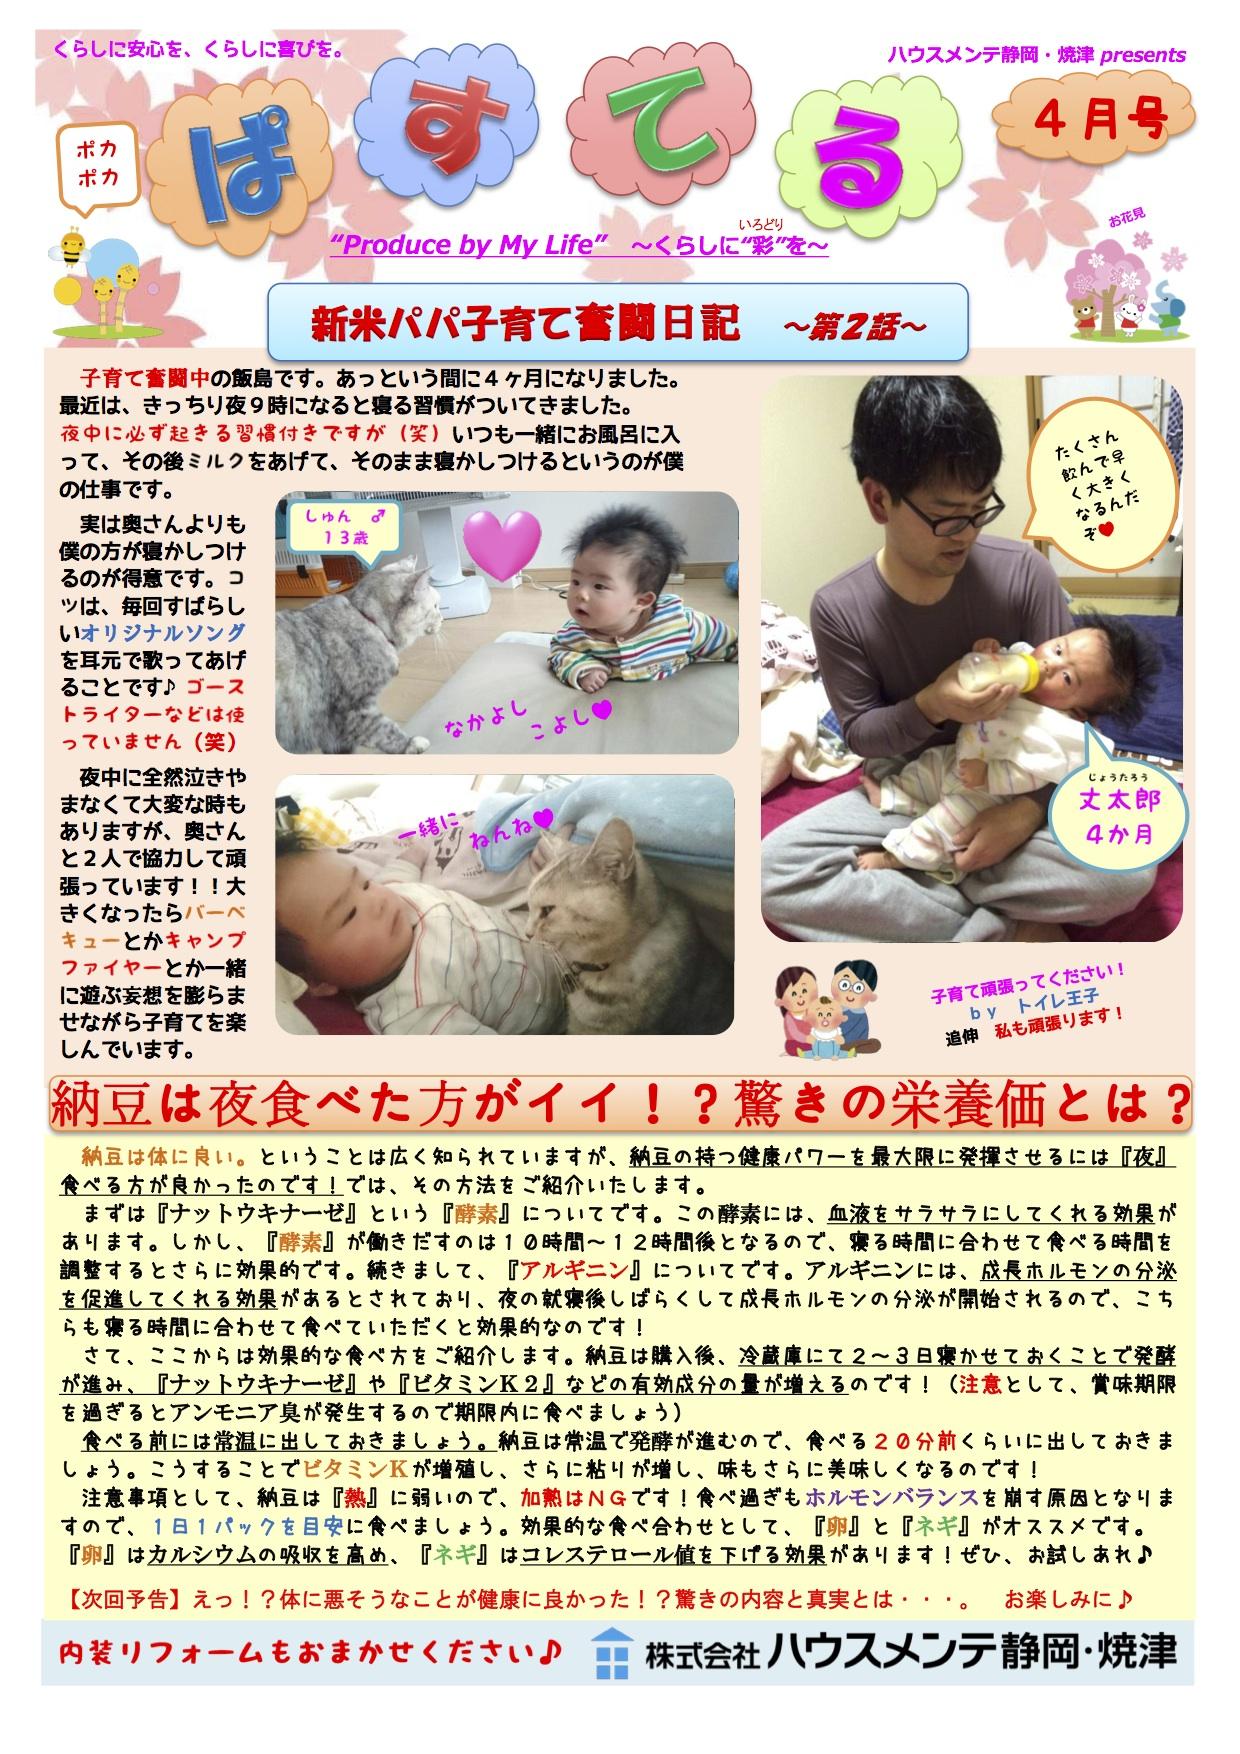 ぱすてる 2015年4月号